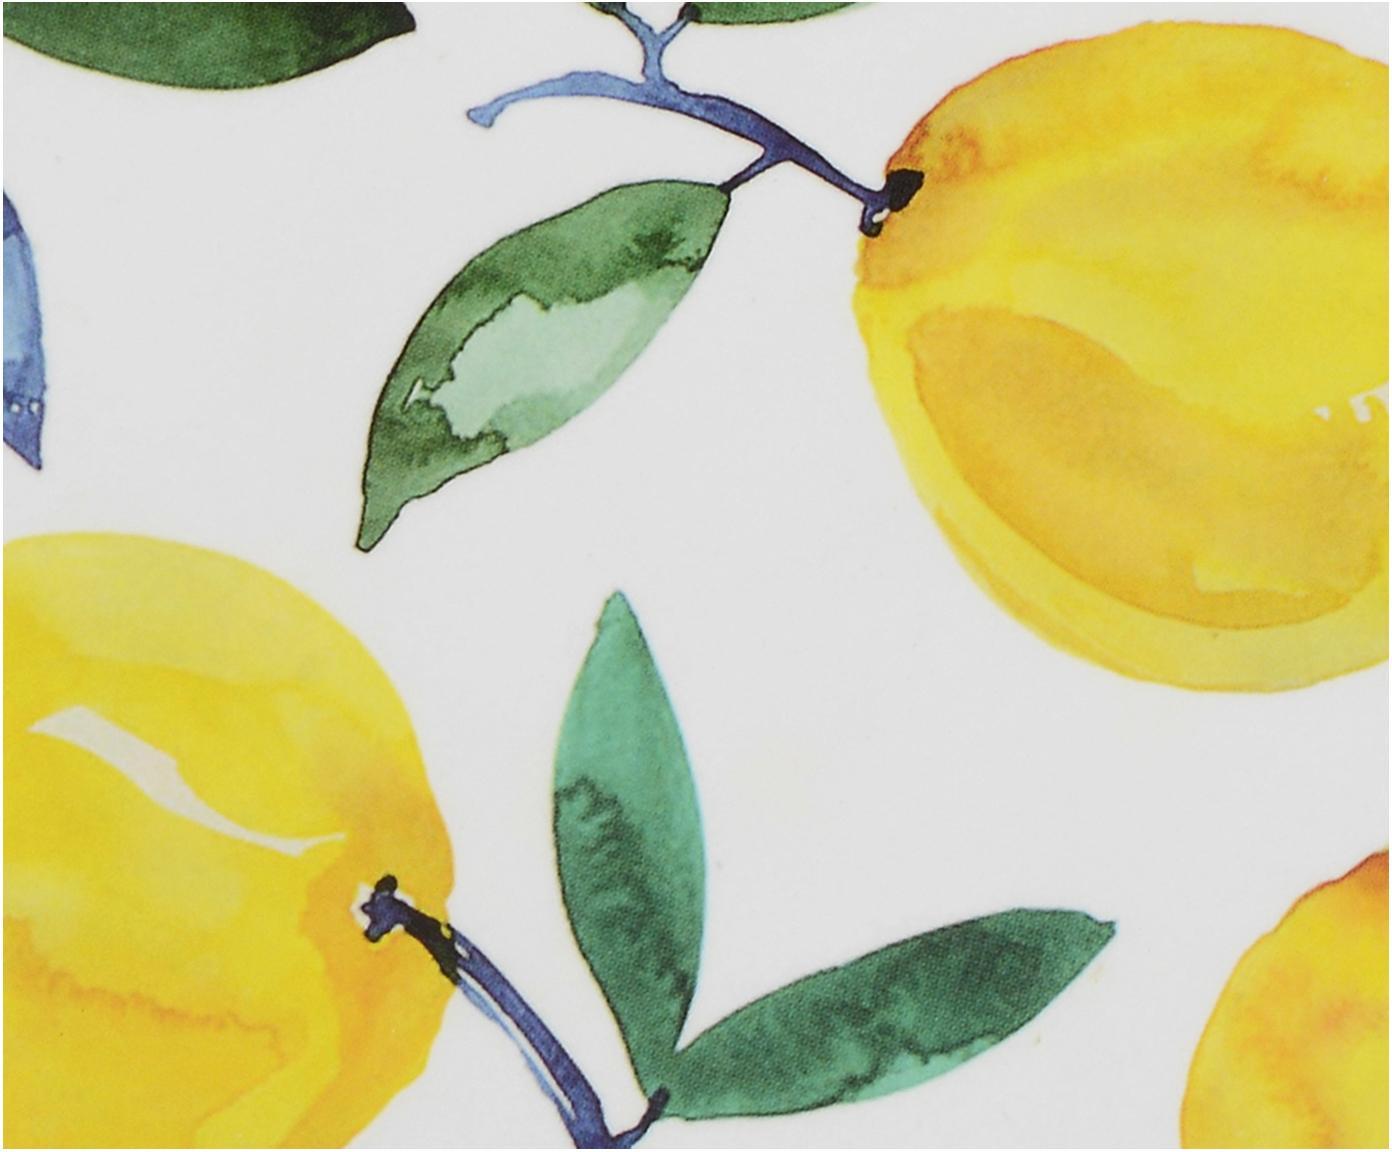 Podstawka Lemons, 4 szt., Korek, Biały, żółty, zielony, Ø 12 cm